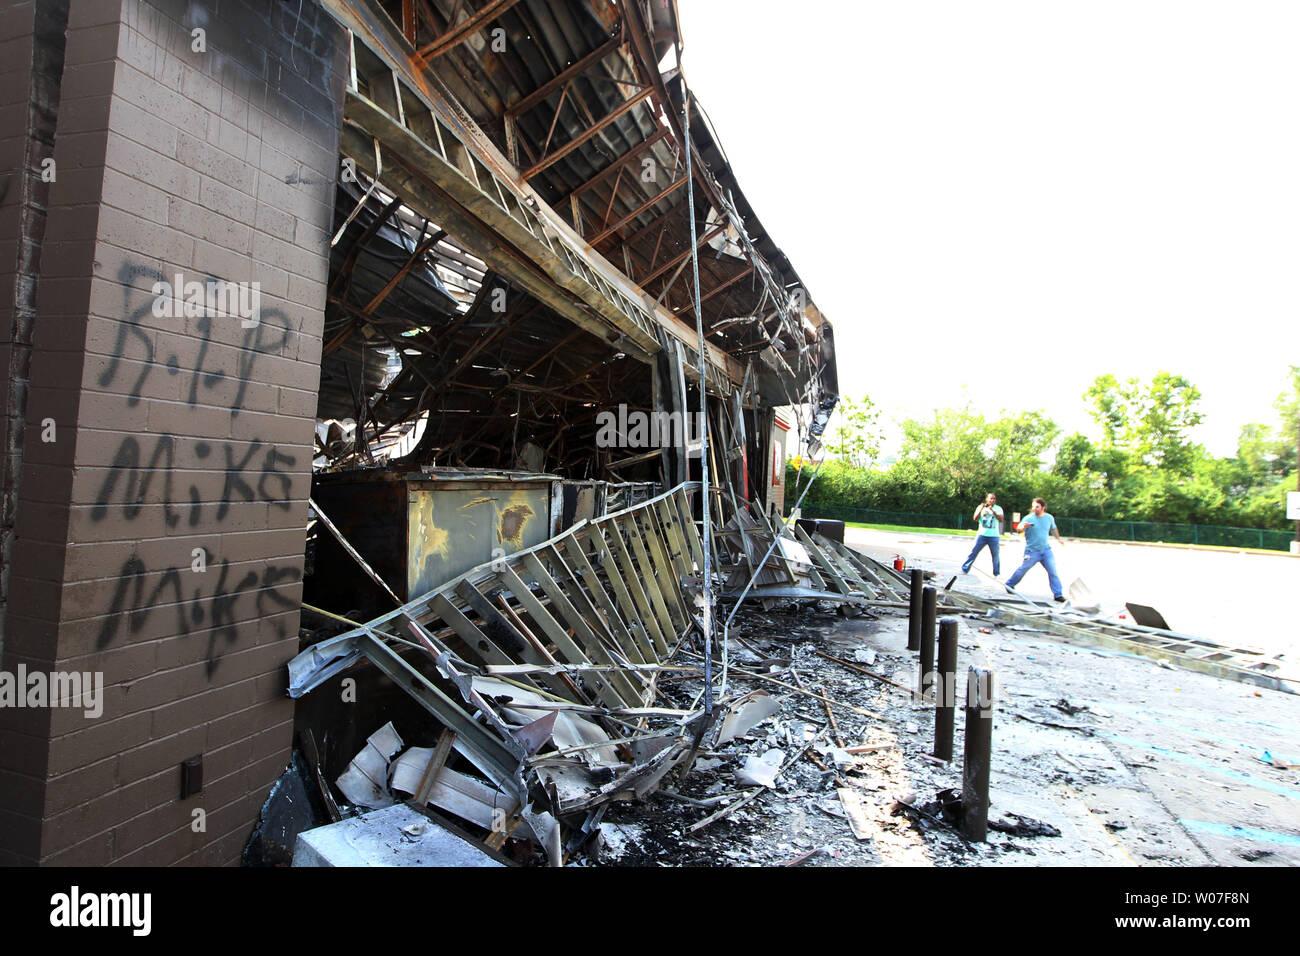 Los visitantes obtener una mirada más cercana a una gasolinera QuikTrip tras una noche de disturbios, saqueos e incendios provocados en Ferguson, Missouri, el 11 de agosto de 2014. La gente está enojada a causa de los disparos de la policía de Ferguson y la muerte de un adolescente negro desarmado Michael Brown, el 9 de agosto de 2014. En todos los alrededor de 20 empresas sufrieron daños tras una vigilia con velas se tornaron violentas. UPI/Bill Greenblatt Foto de stock